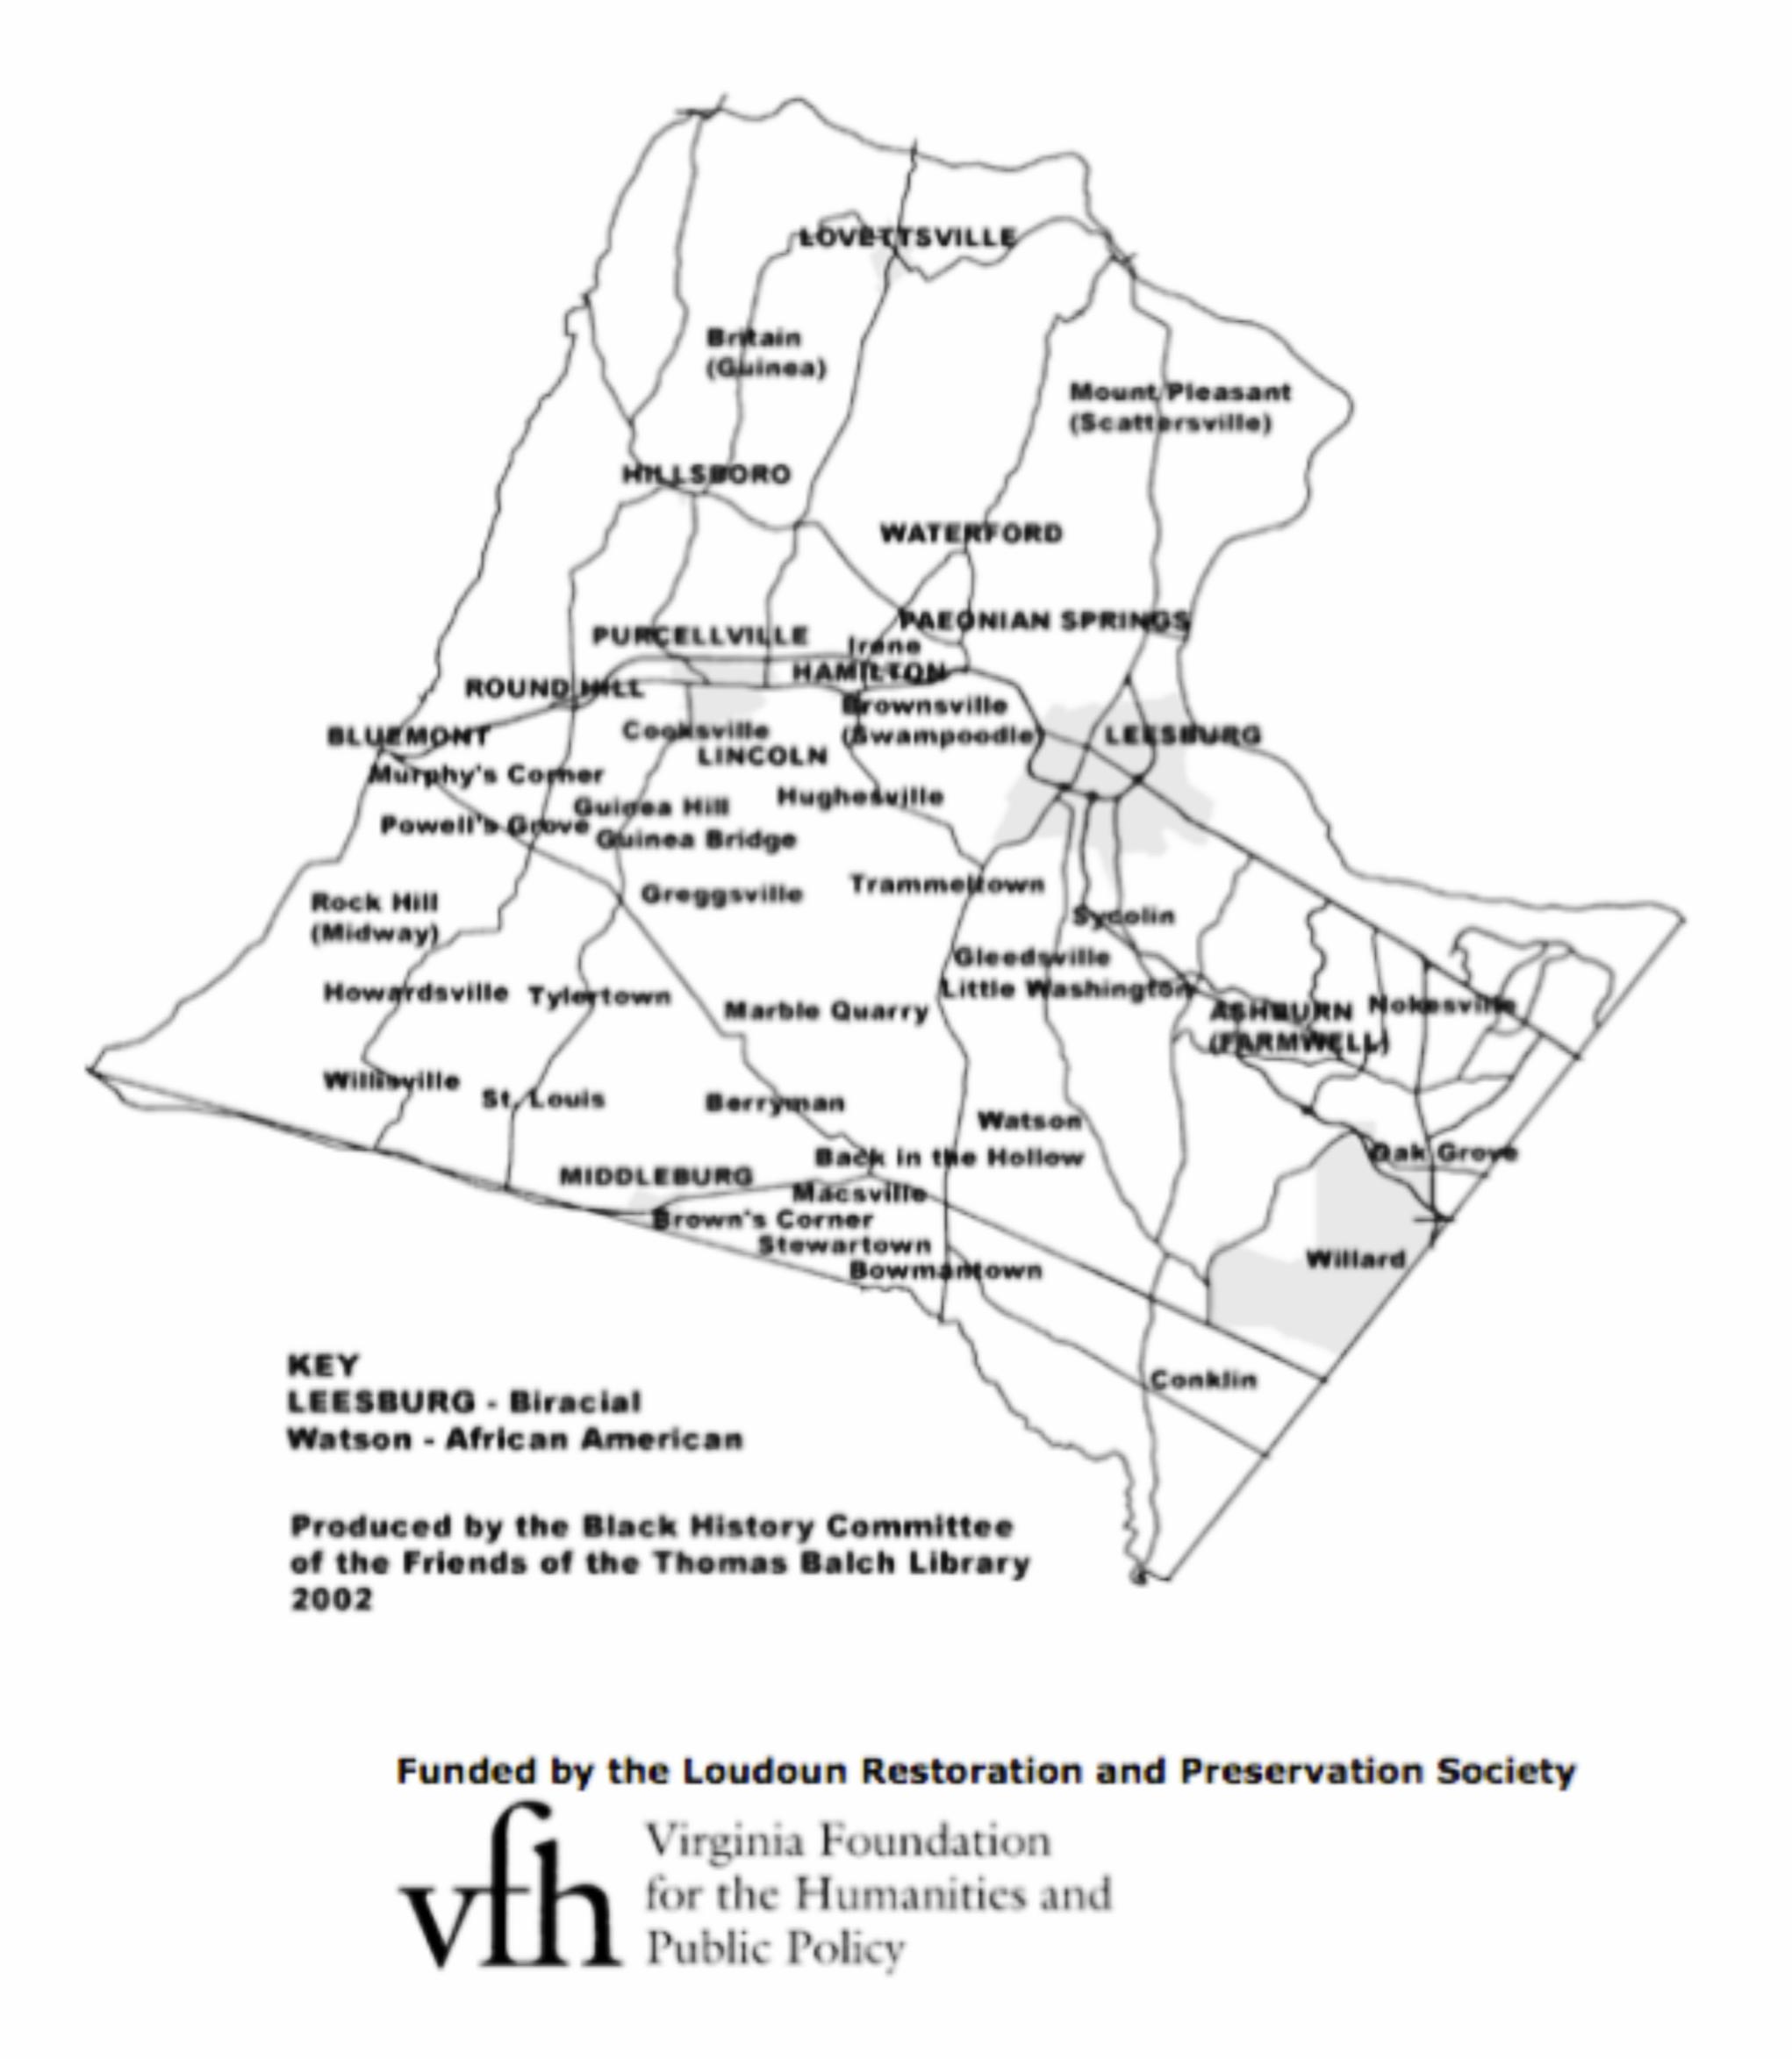 Map-AfAm Communities 12.29.15 copy.png